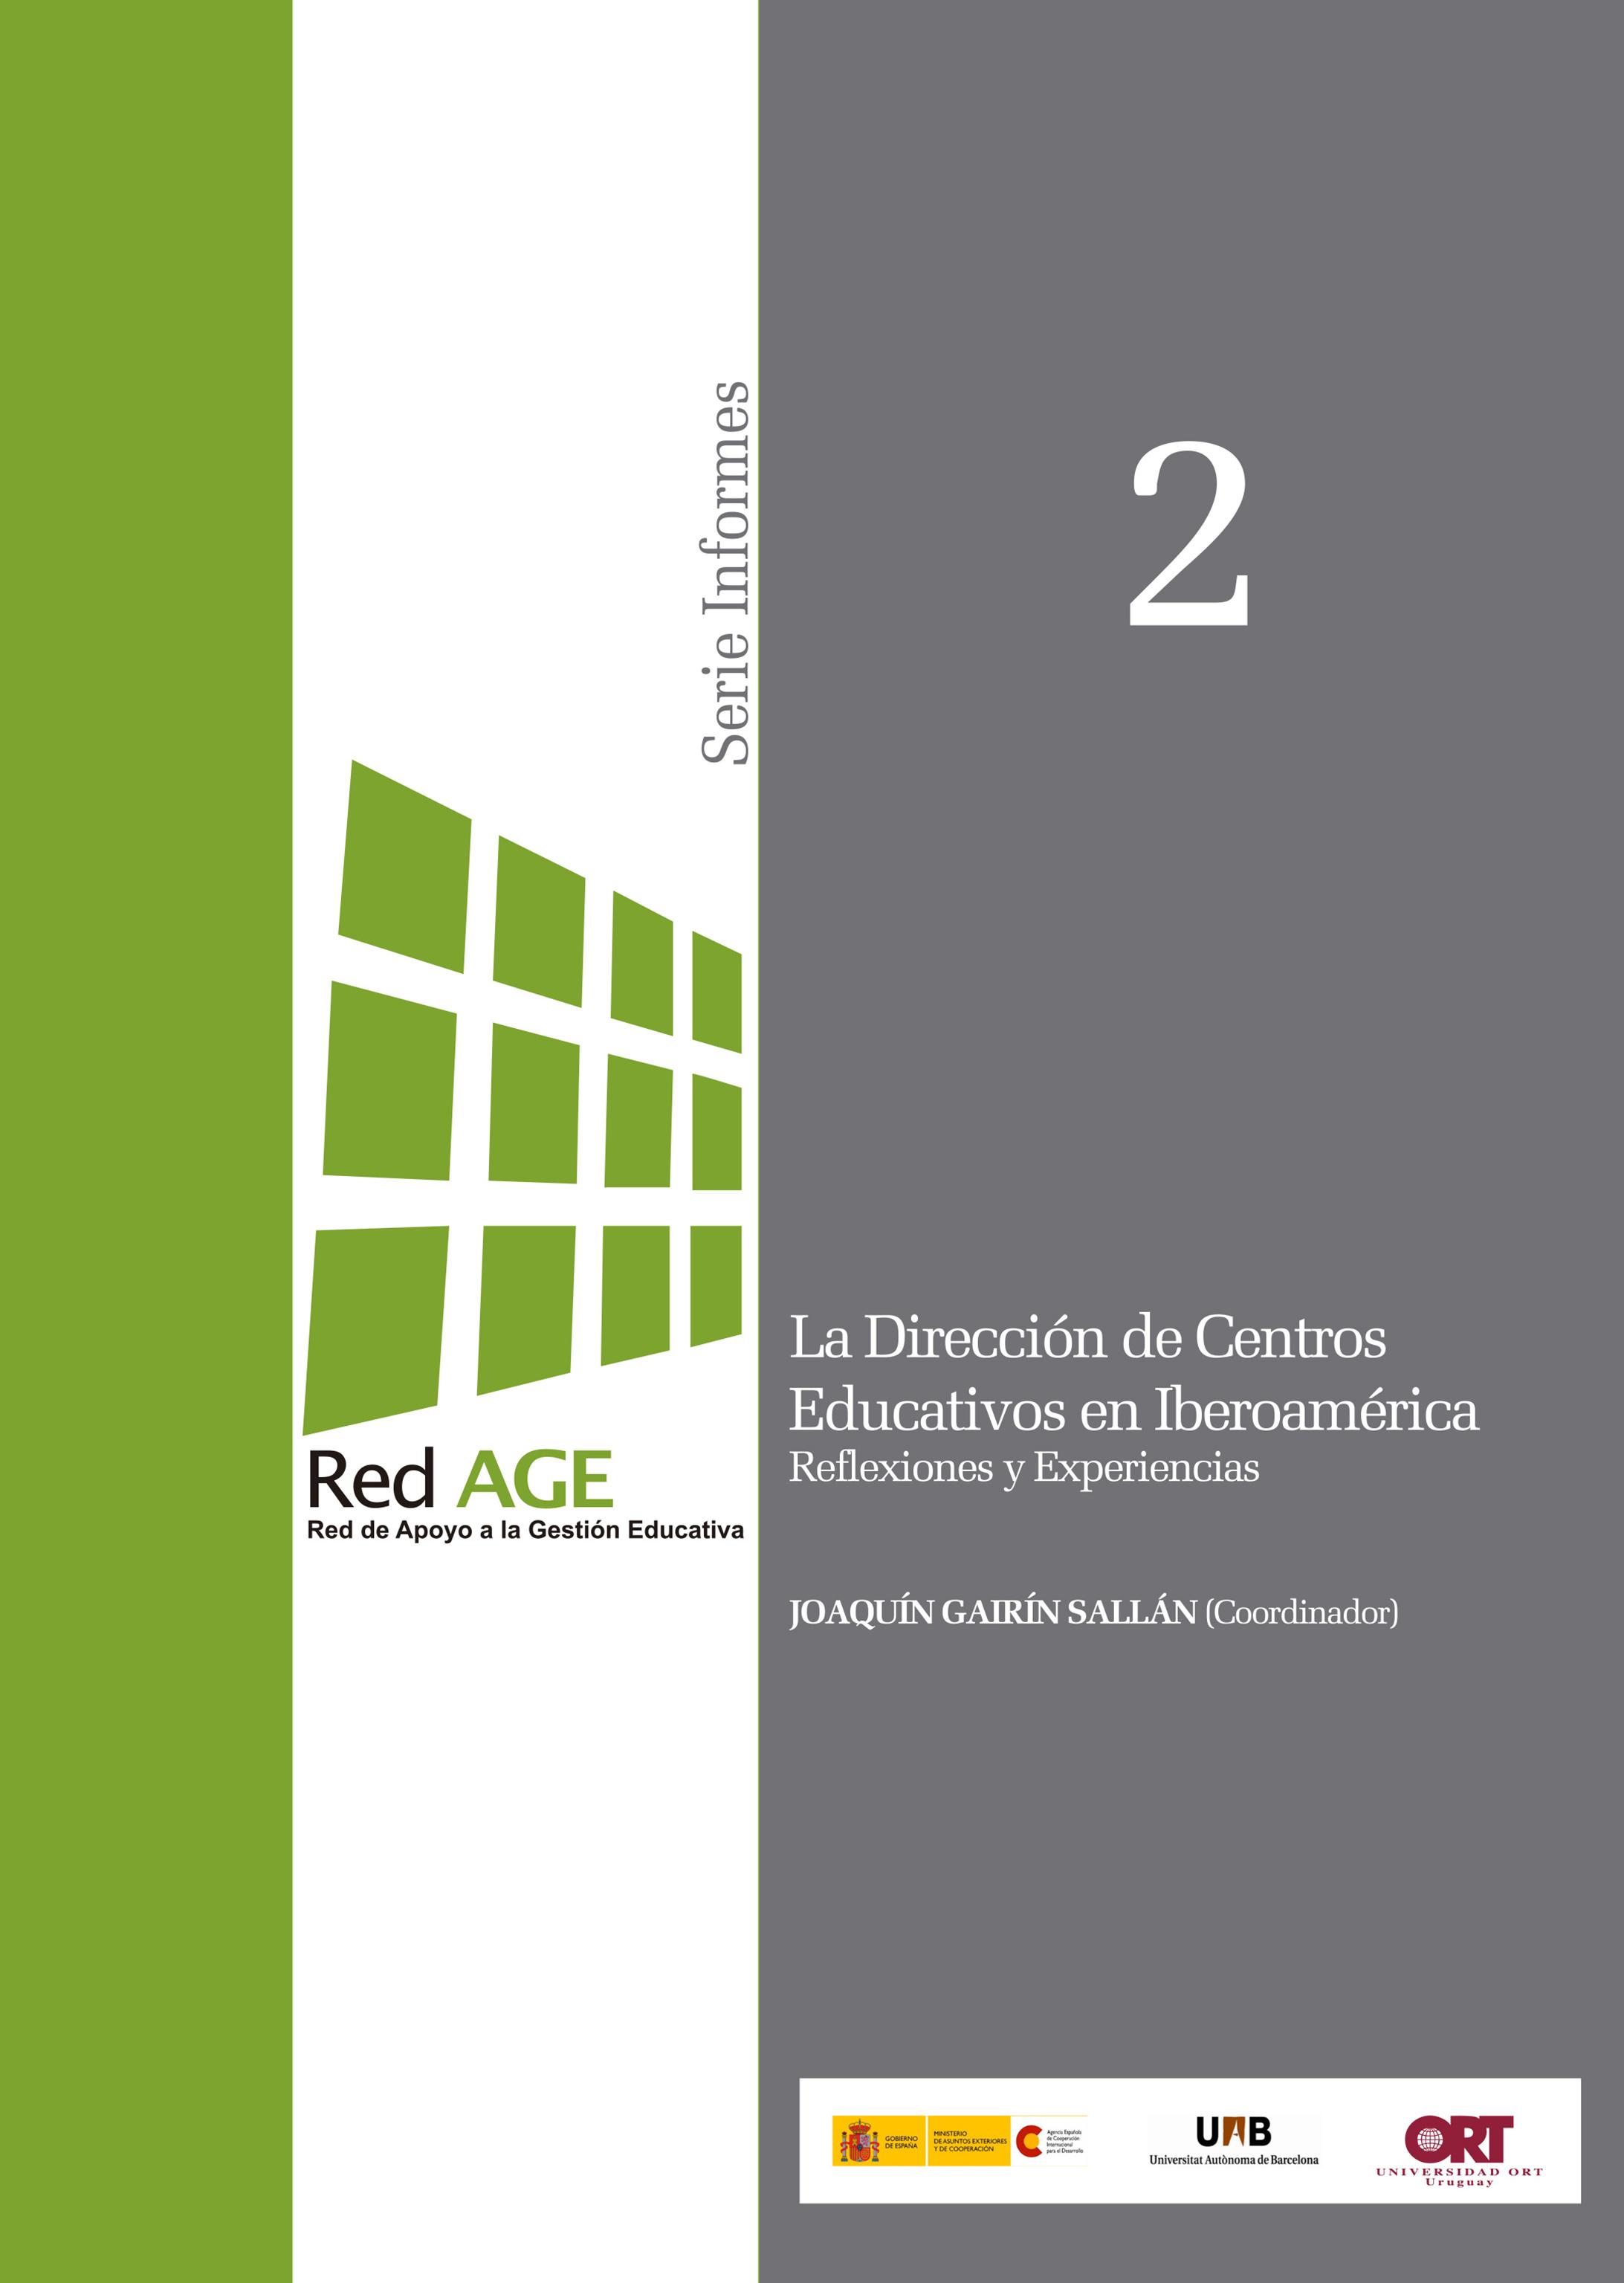 La dirección de centros educativos en Iberoamérica. Reflexiones y experiencias (2010)